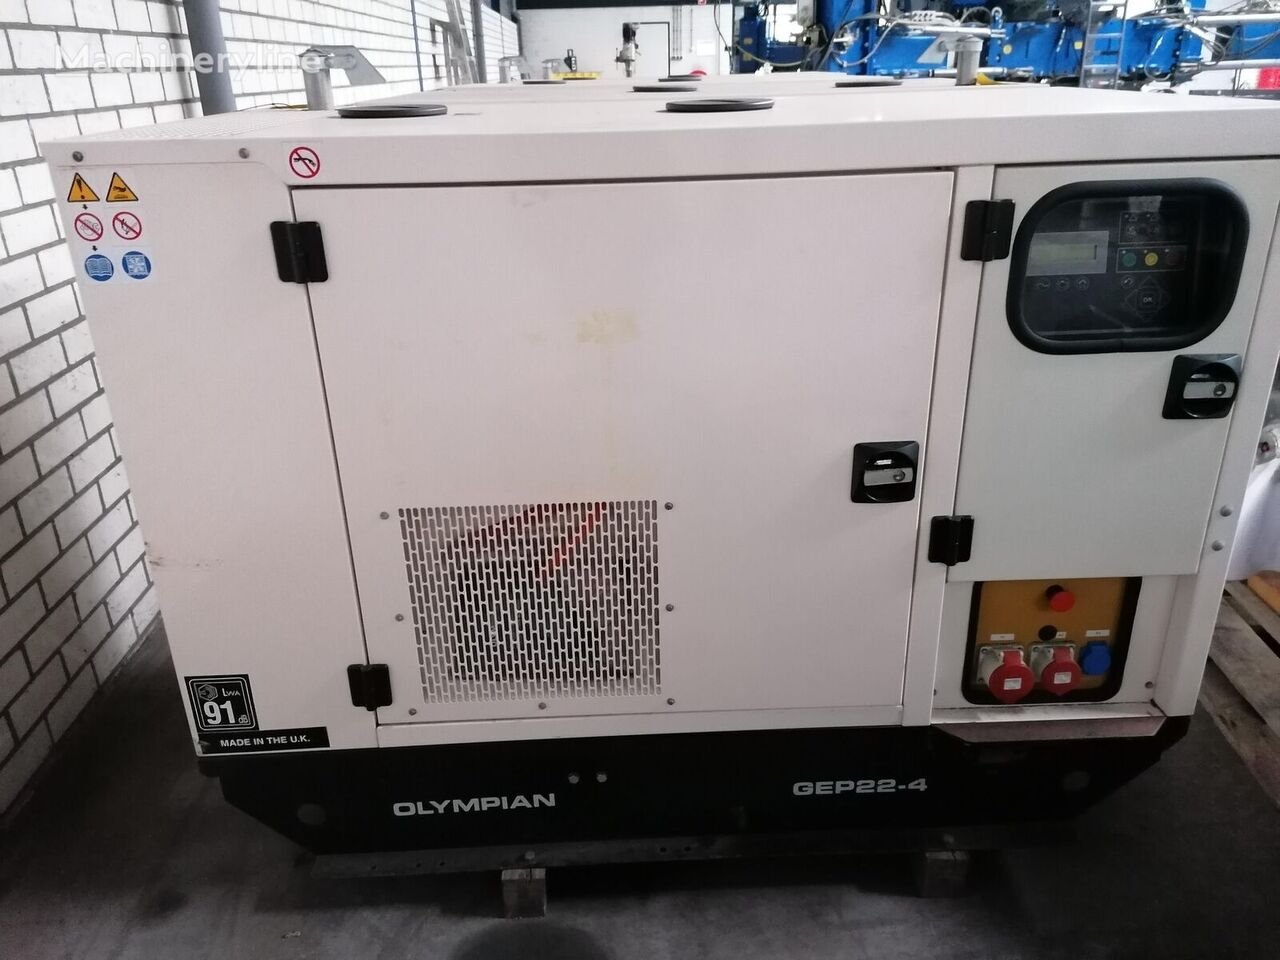 OLYMPIAN GEP22-4  otro generador nuevo